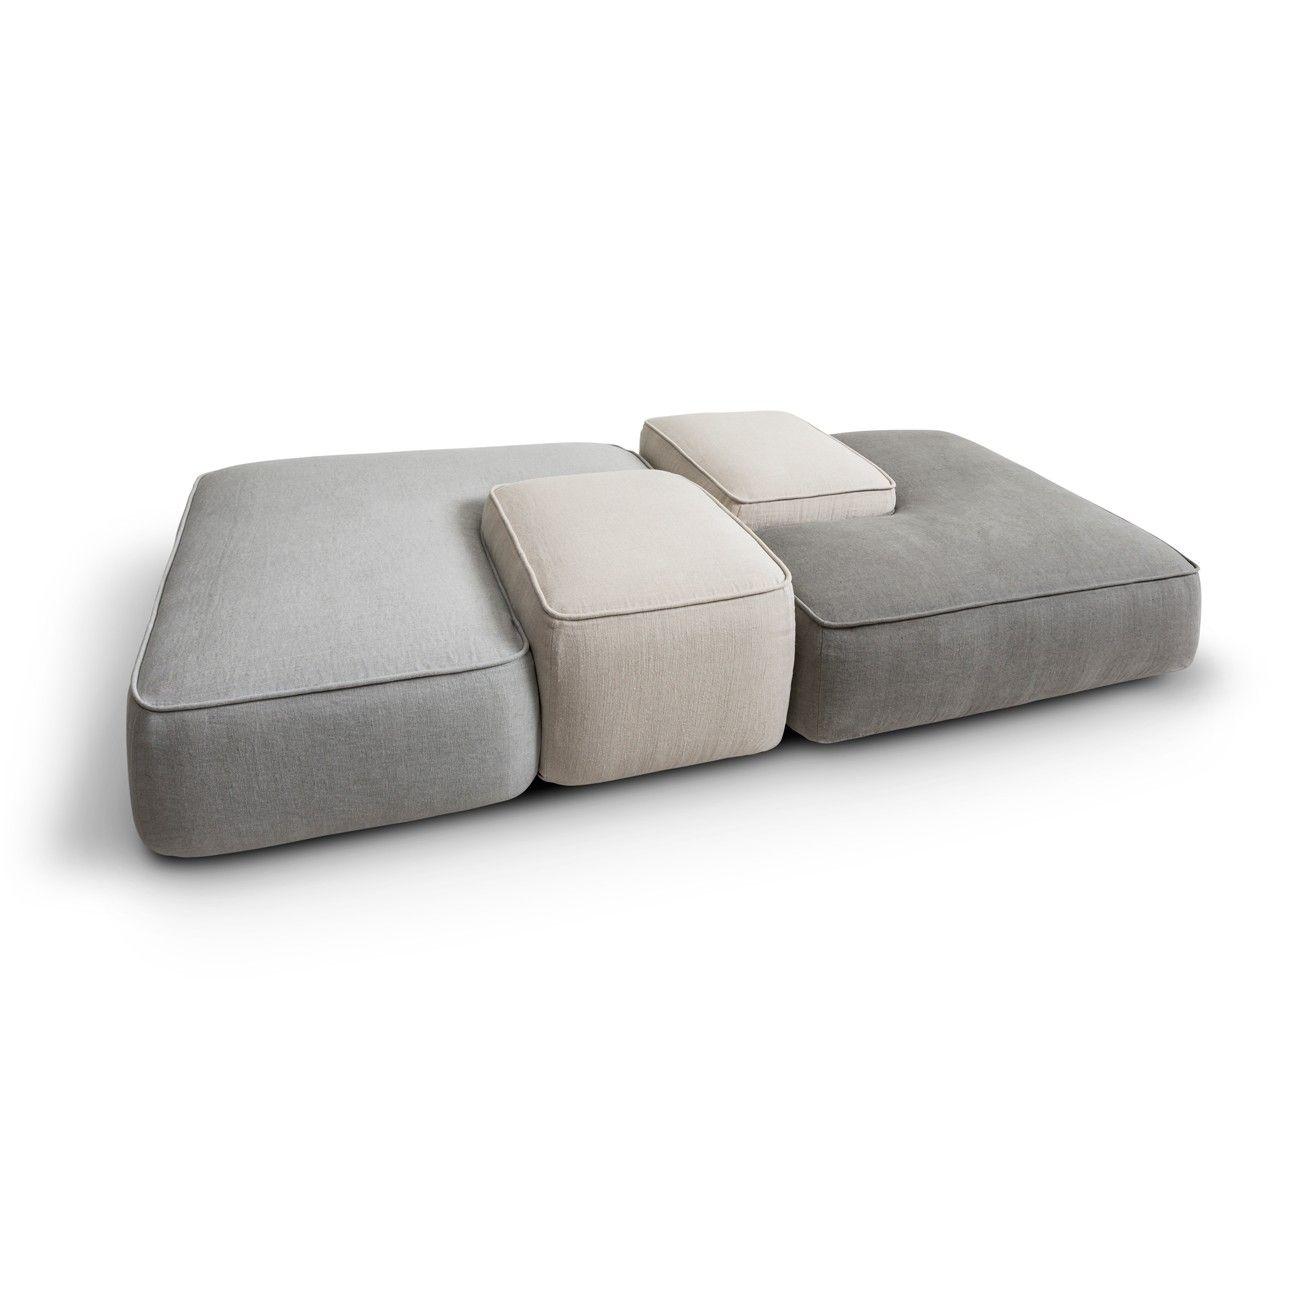 Cloud Modular Sofa Ottoman http://www.rogerseller.com.au ...